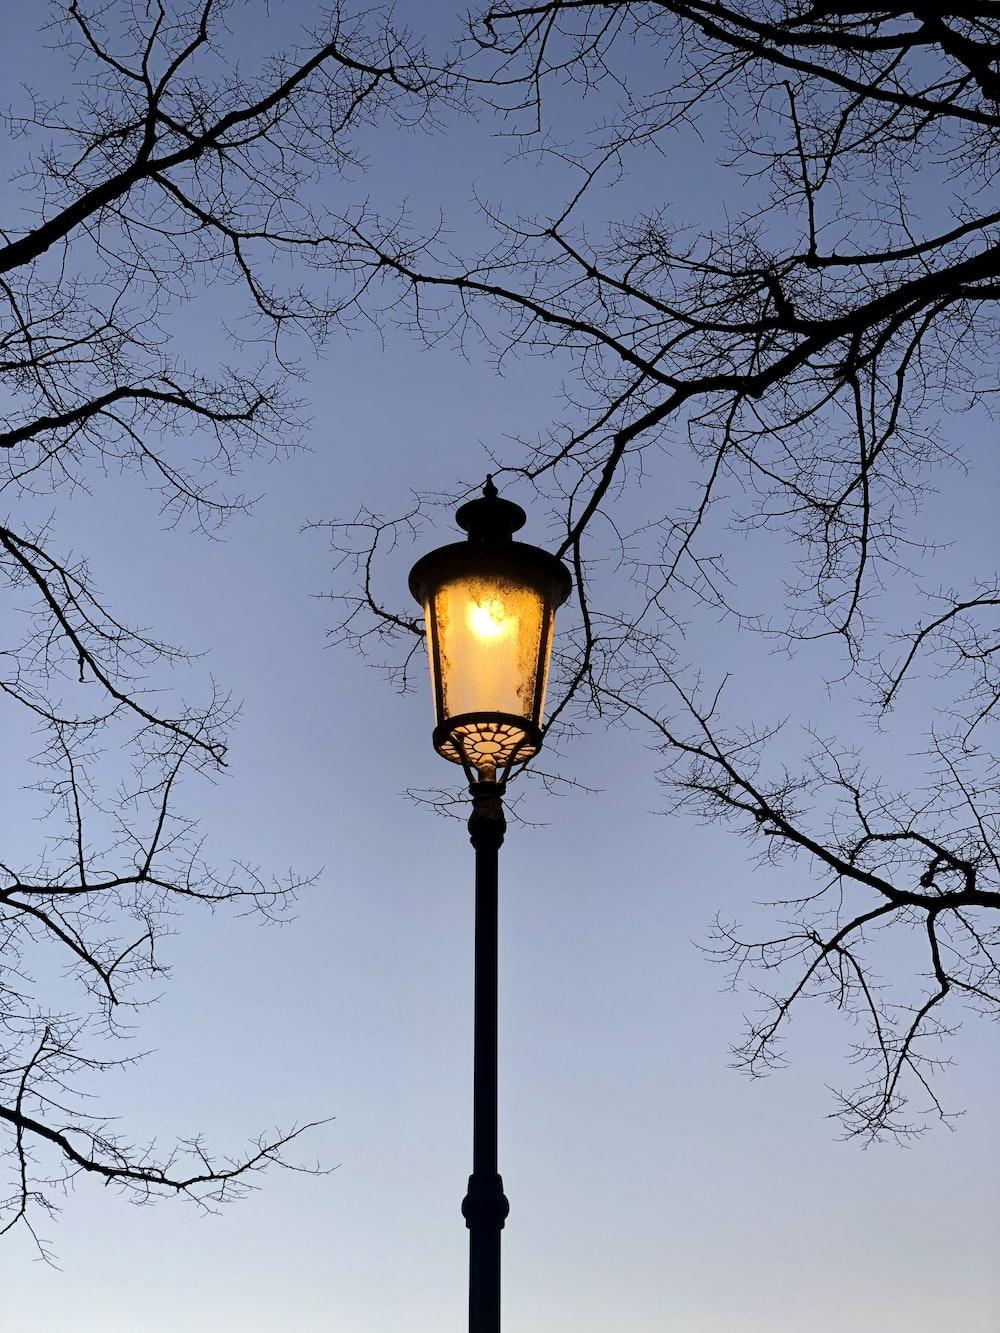 black street lamp near bare trees during daytime